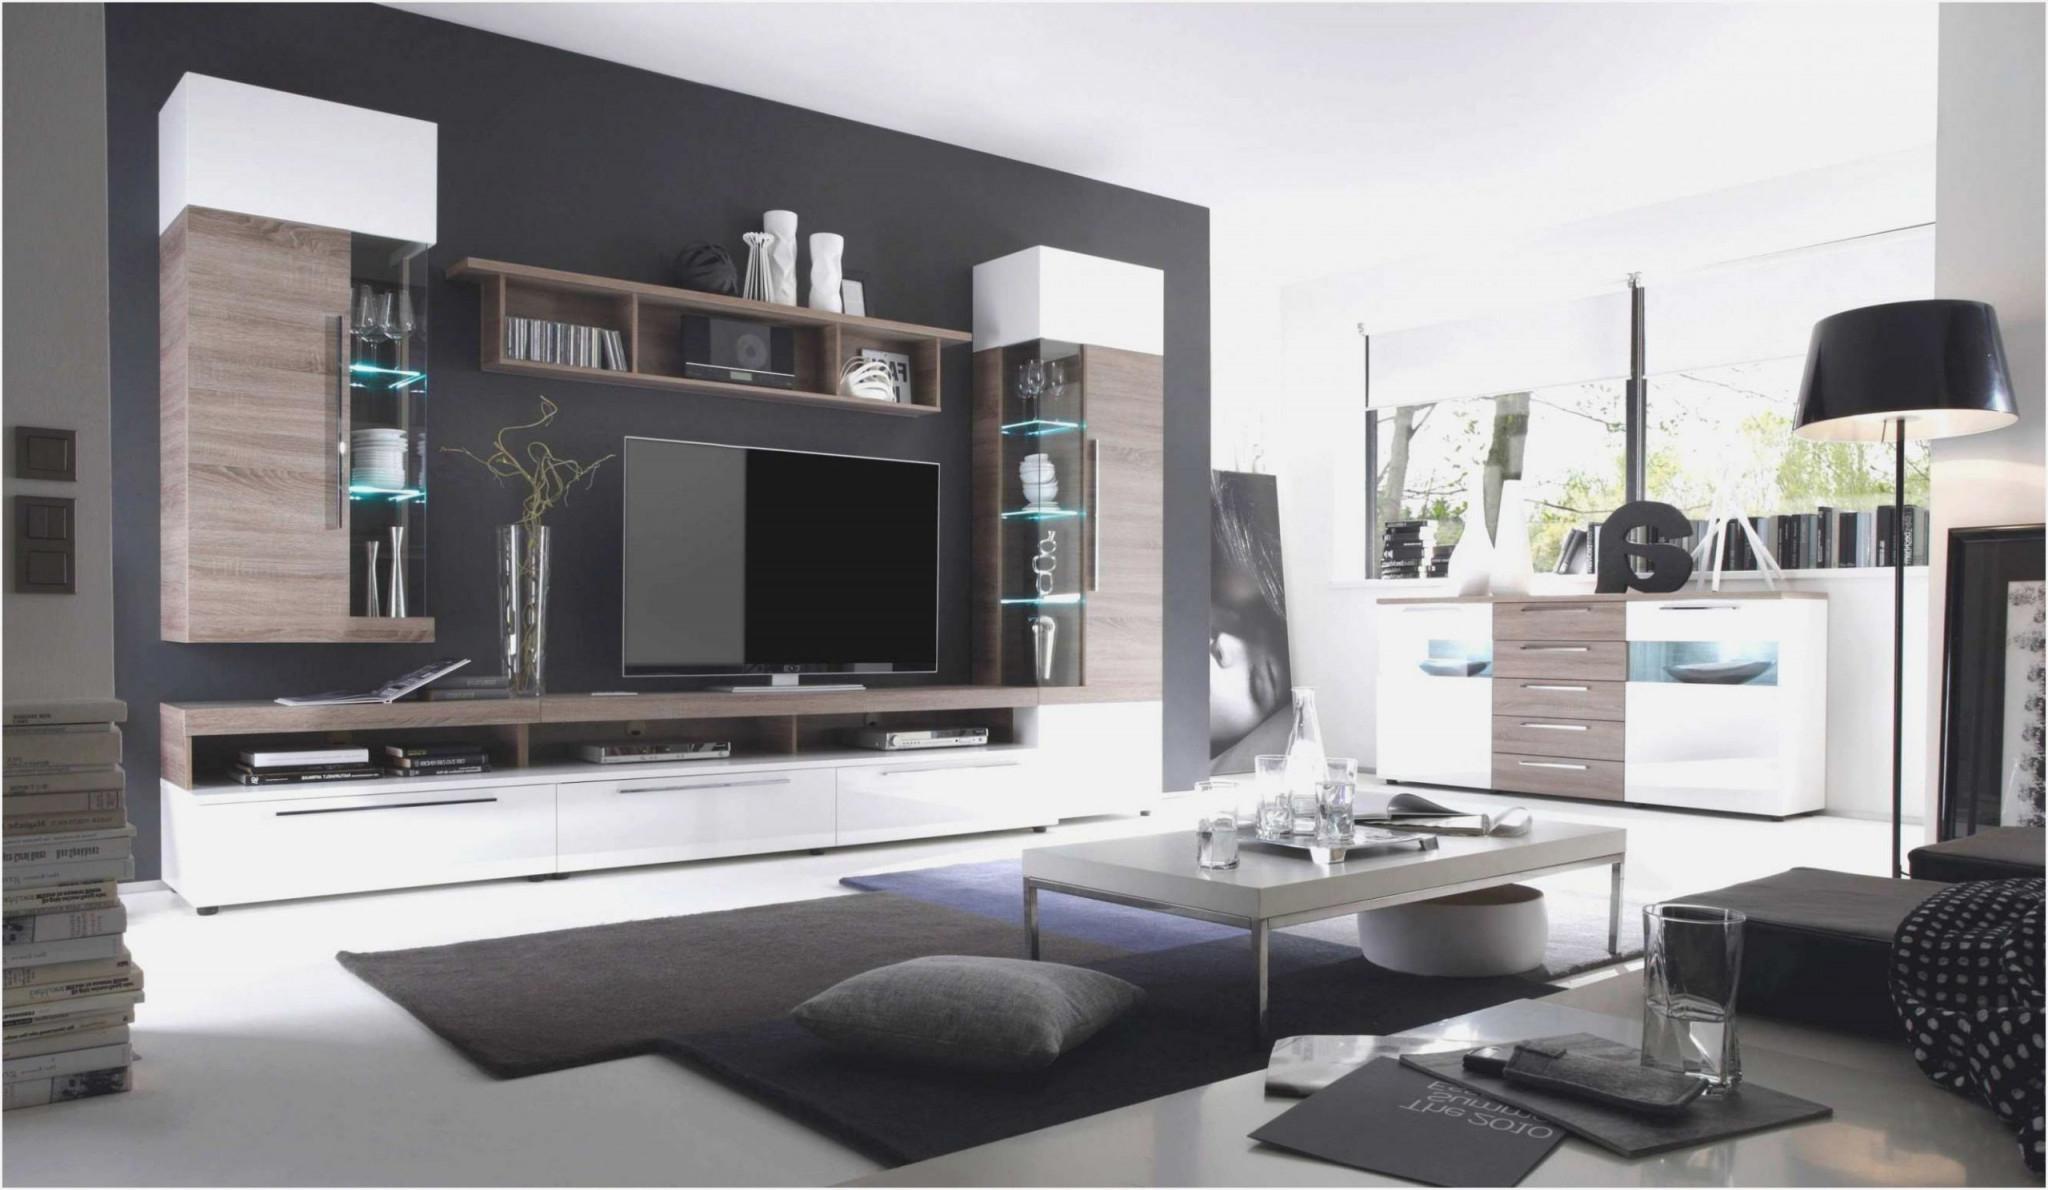 Wohnzimmer Ideen Modern Weiß  Wohnzimmer  Traumhaus von Wohnzimmer Ideen Modern Bild